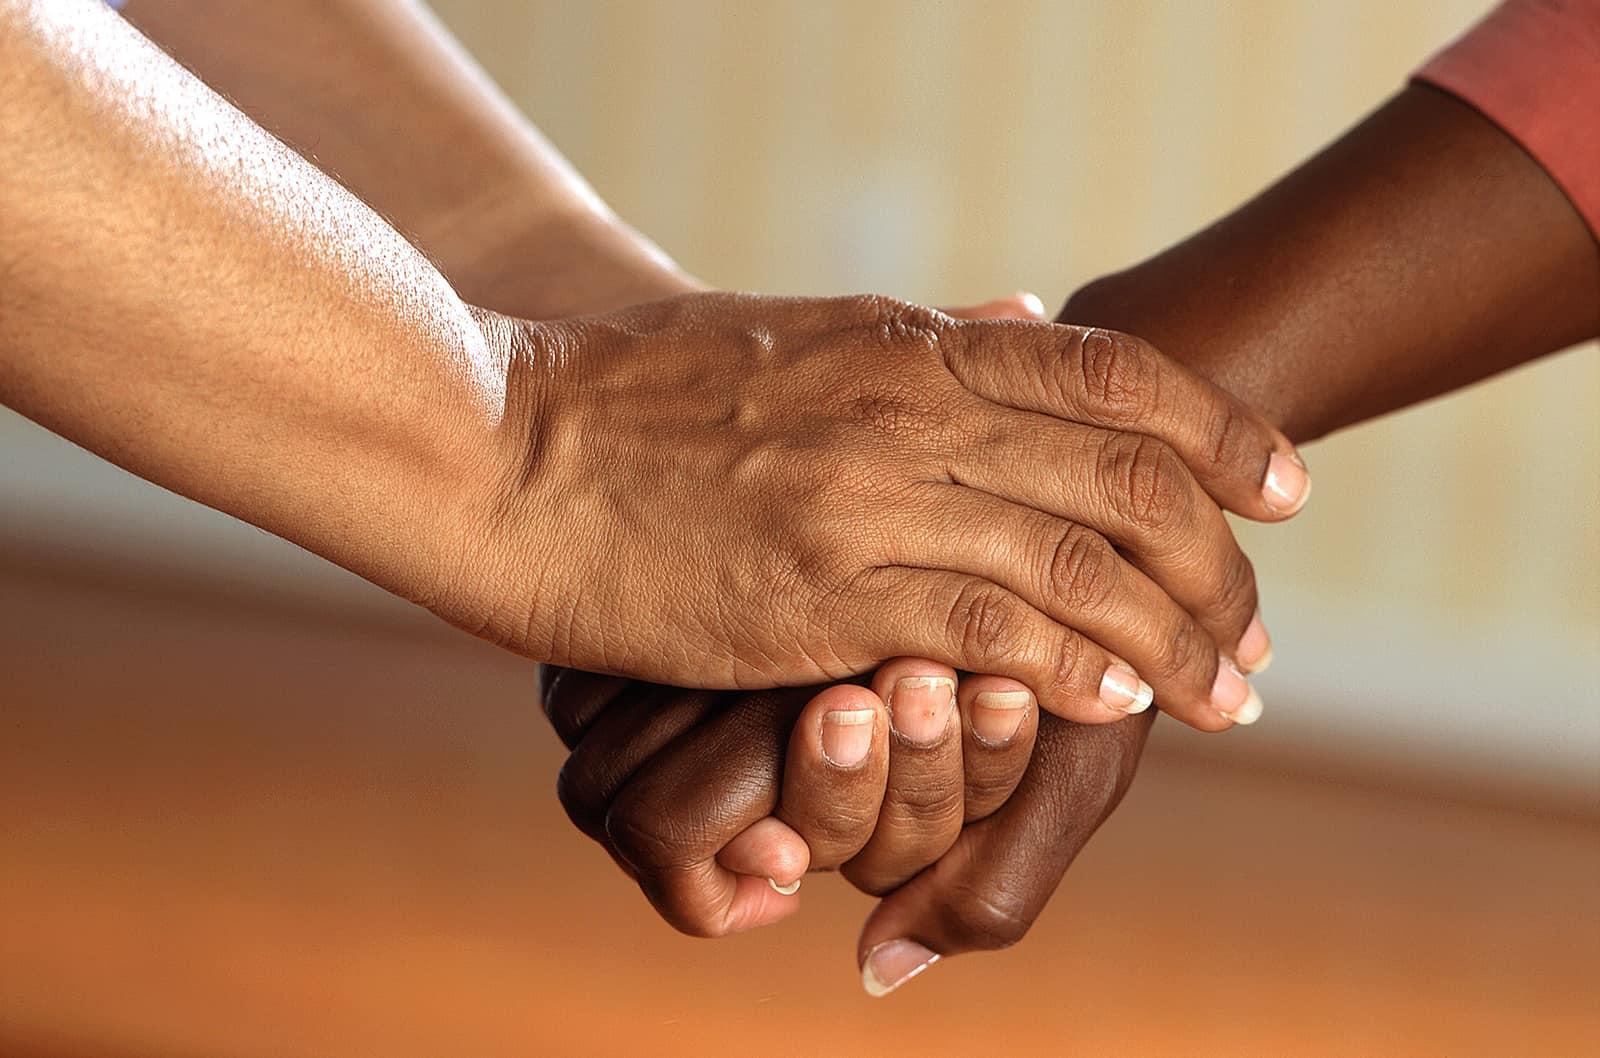 zwei Personen Händchen haltend